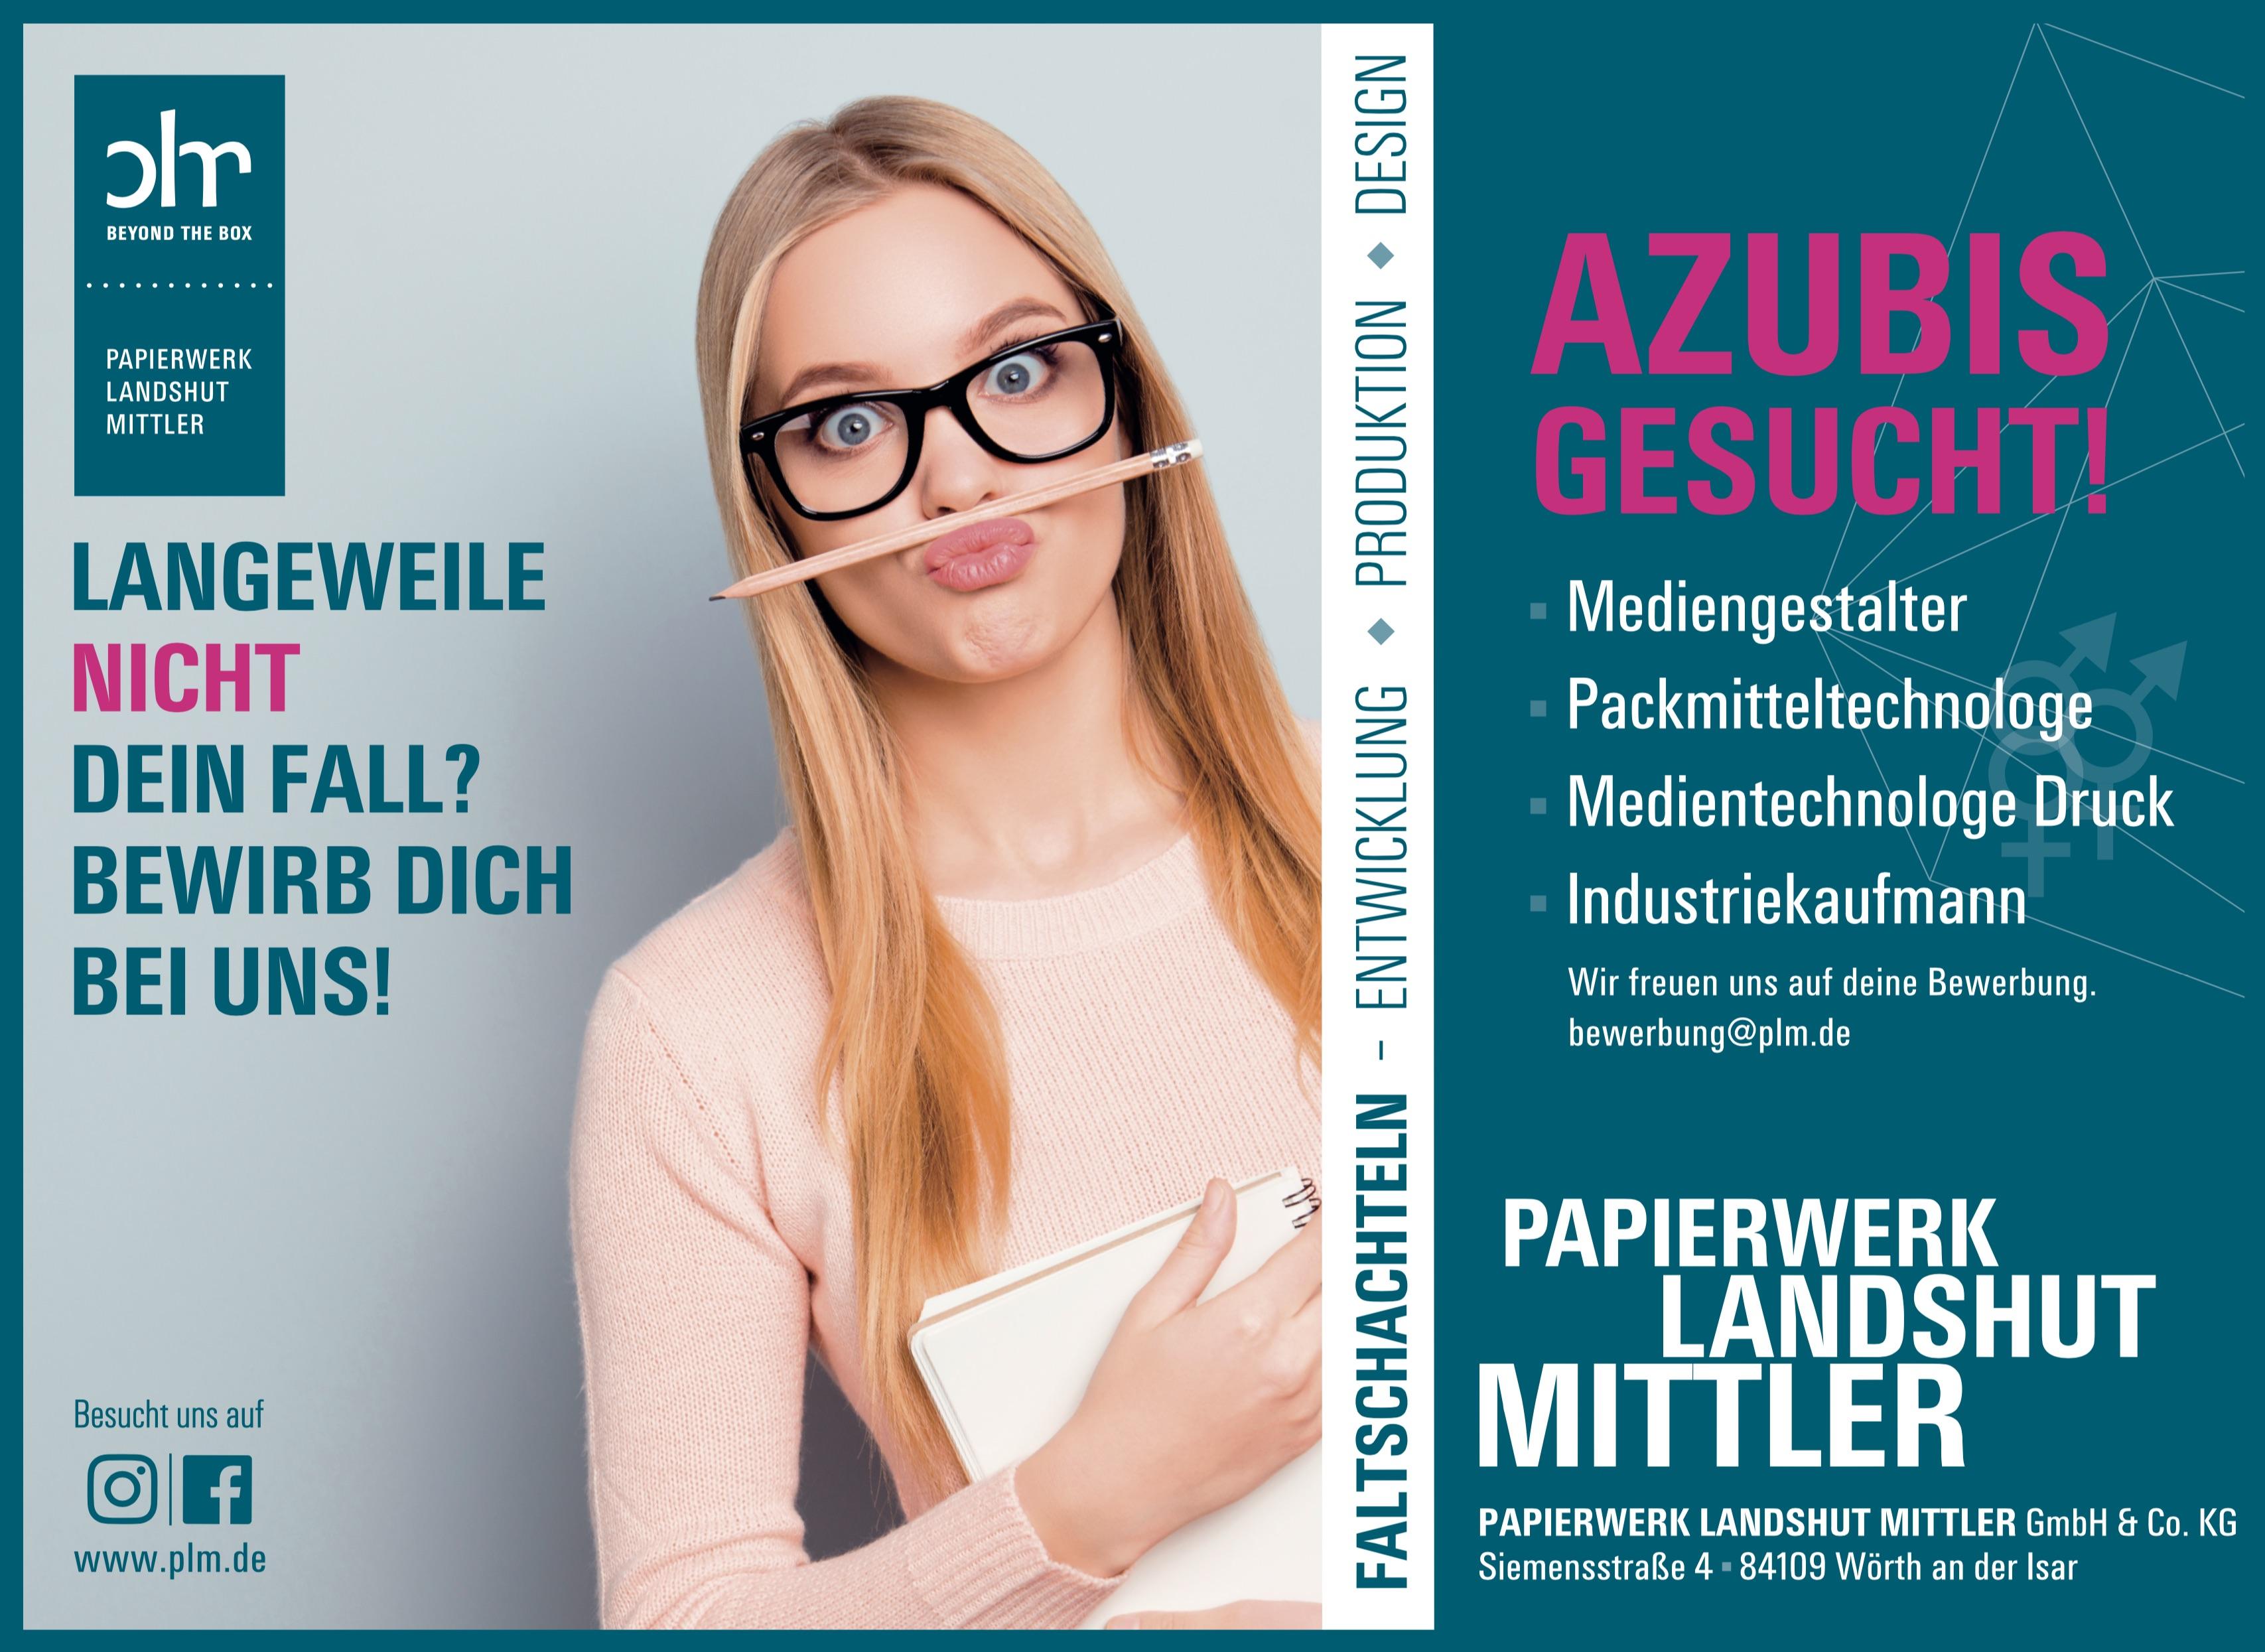 Ausbildung bei plm / Mediengestalter / Packmitteltechnologe / Industriekaufmann / Industriekauffrau / Medientechnologe Druck